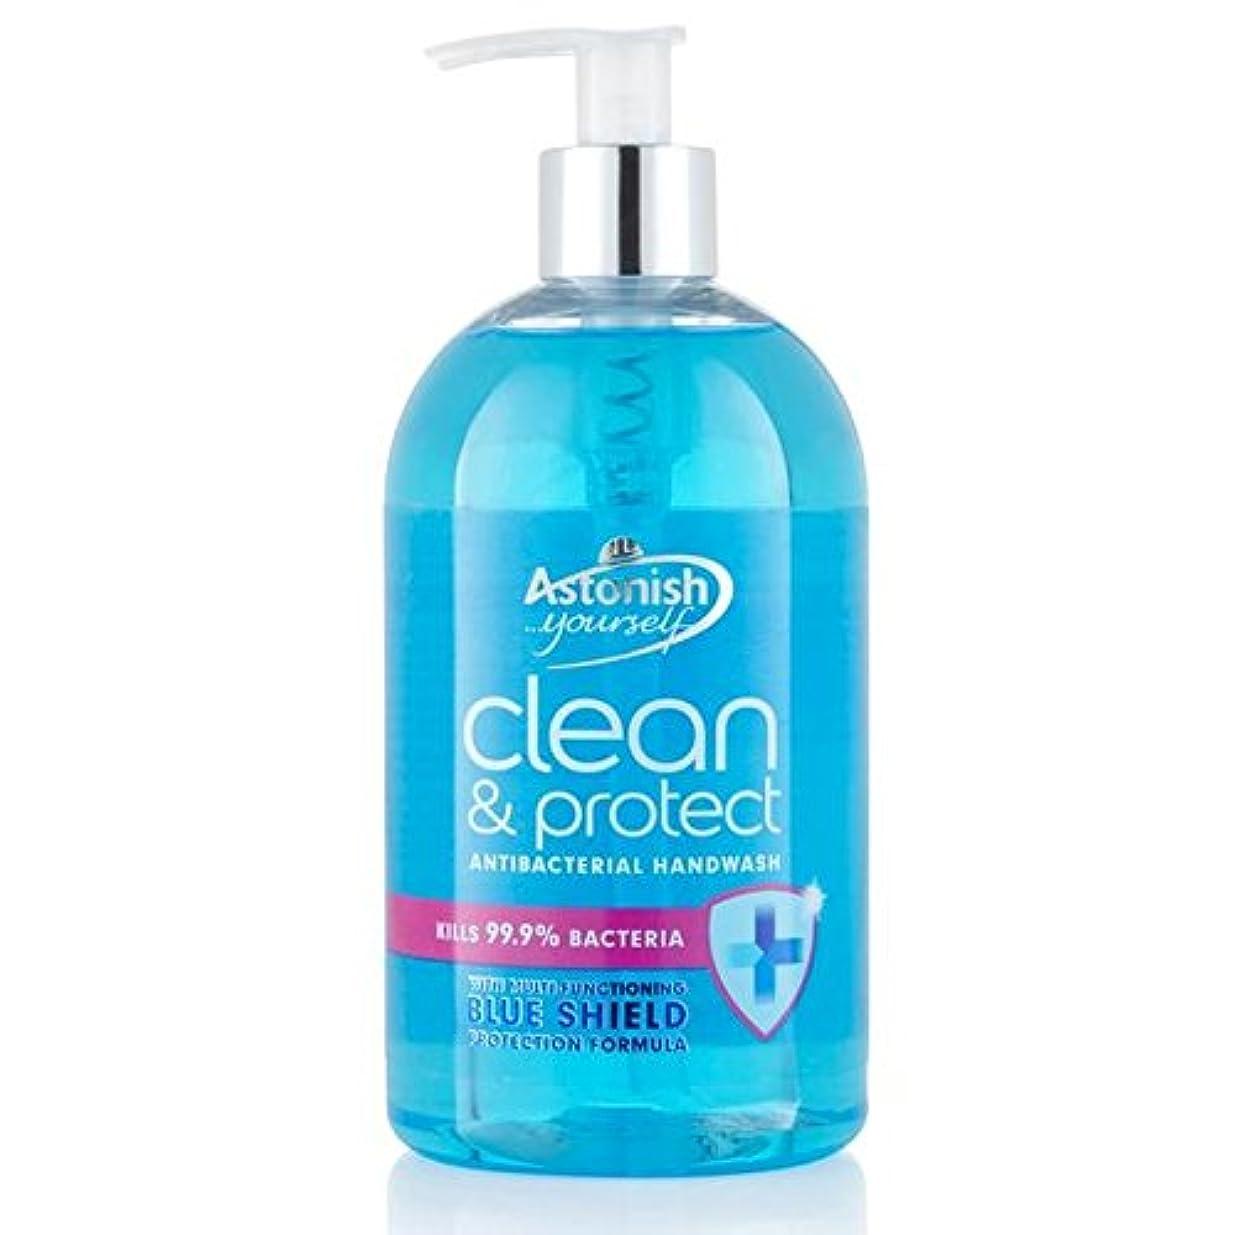 類人猿オリエントランククリーン驚か&ハンドウォッシュ500ミリリットルを保護 x2 - Astonish Clean & Protect Hand Wash 500ml (Pack of 2) [並行輸入品]